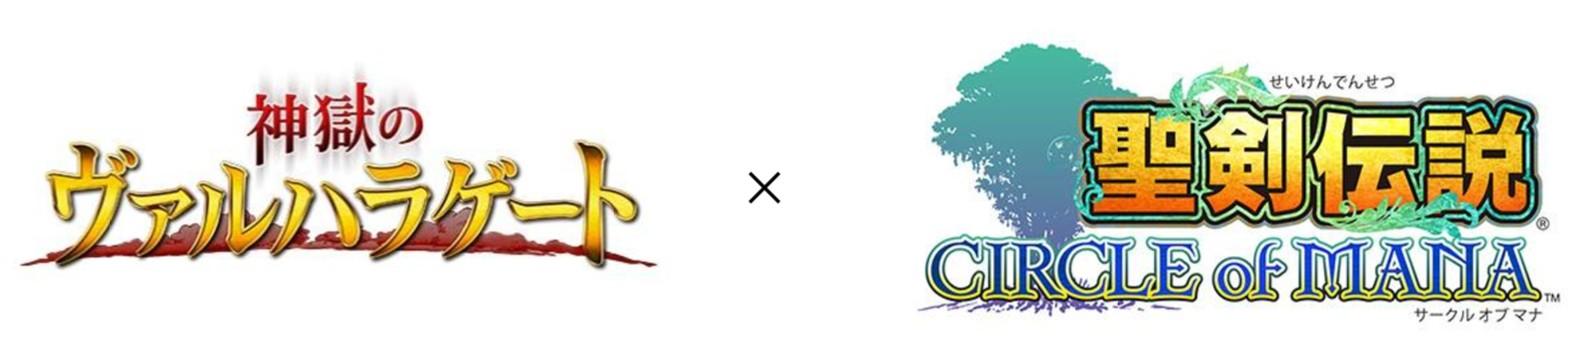 『神獄のヴァルハラゲート』が『聖剣伝説 CIRCLE of MANA』と初コラボレーション!